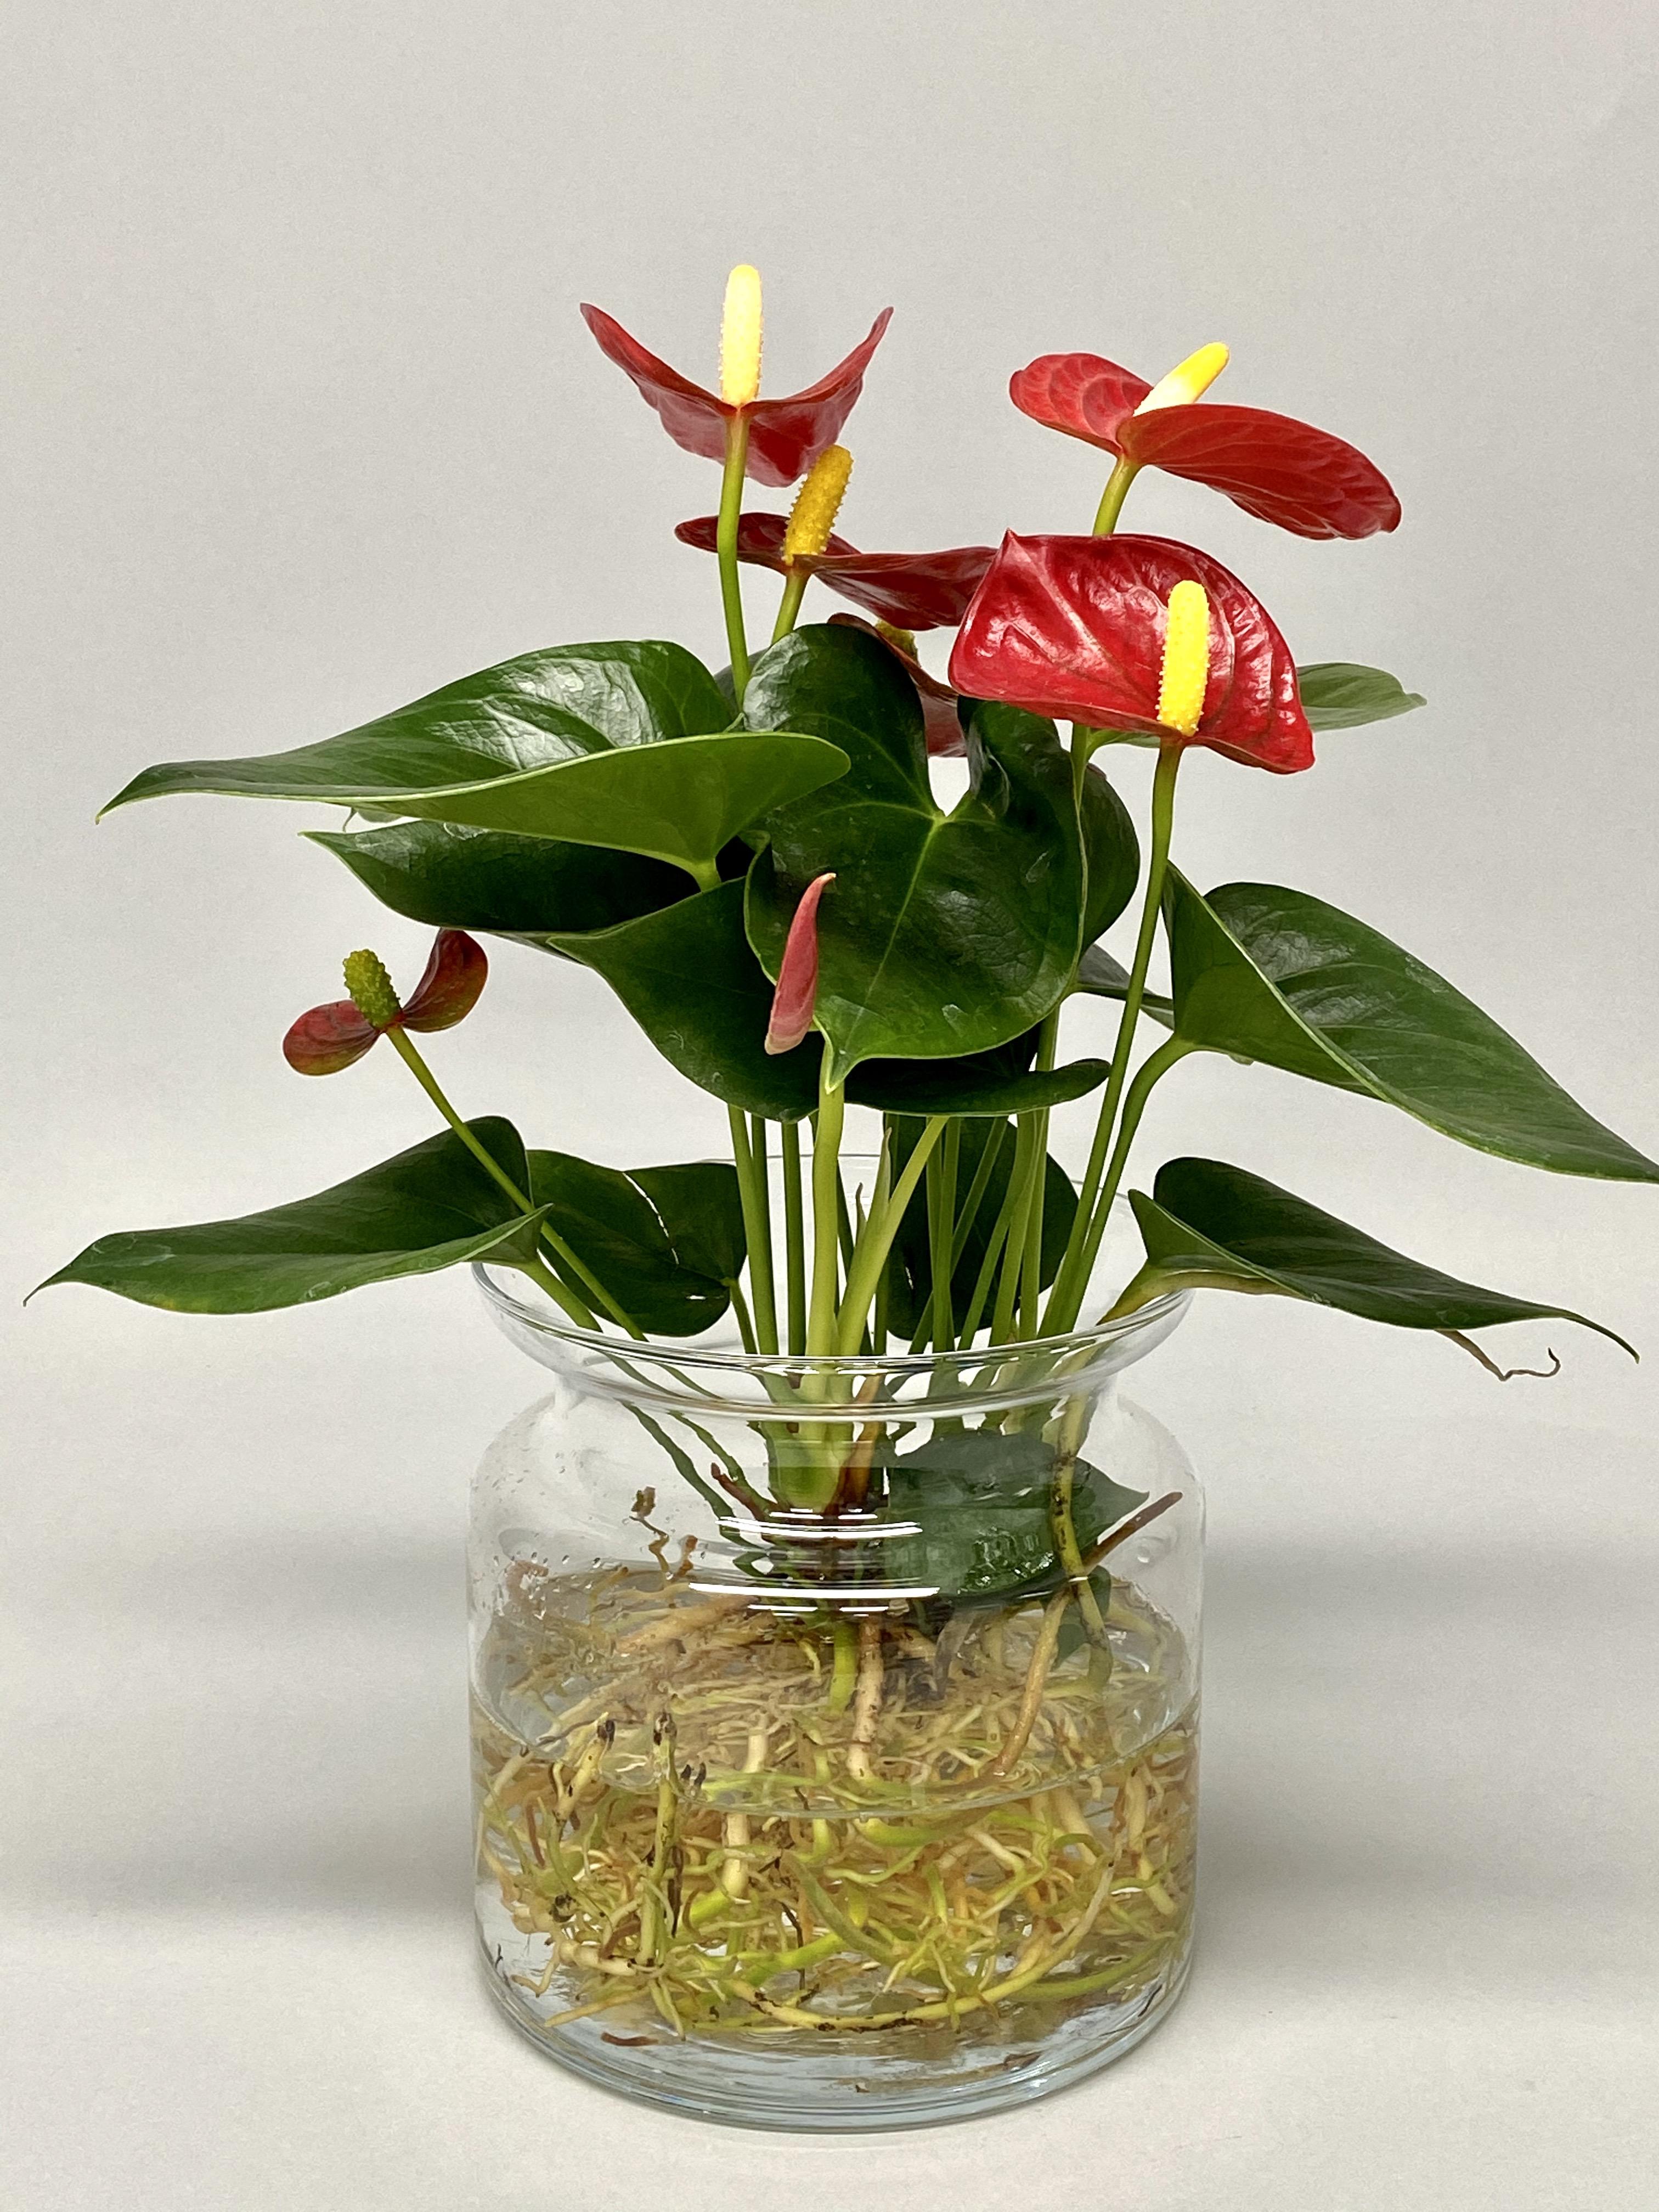 Anthurium (hydroponic)